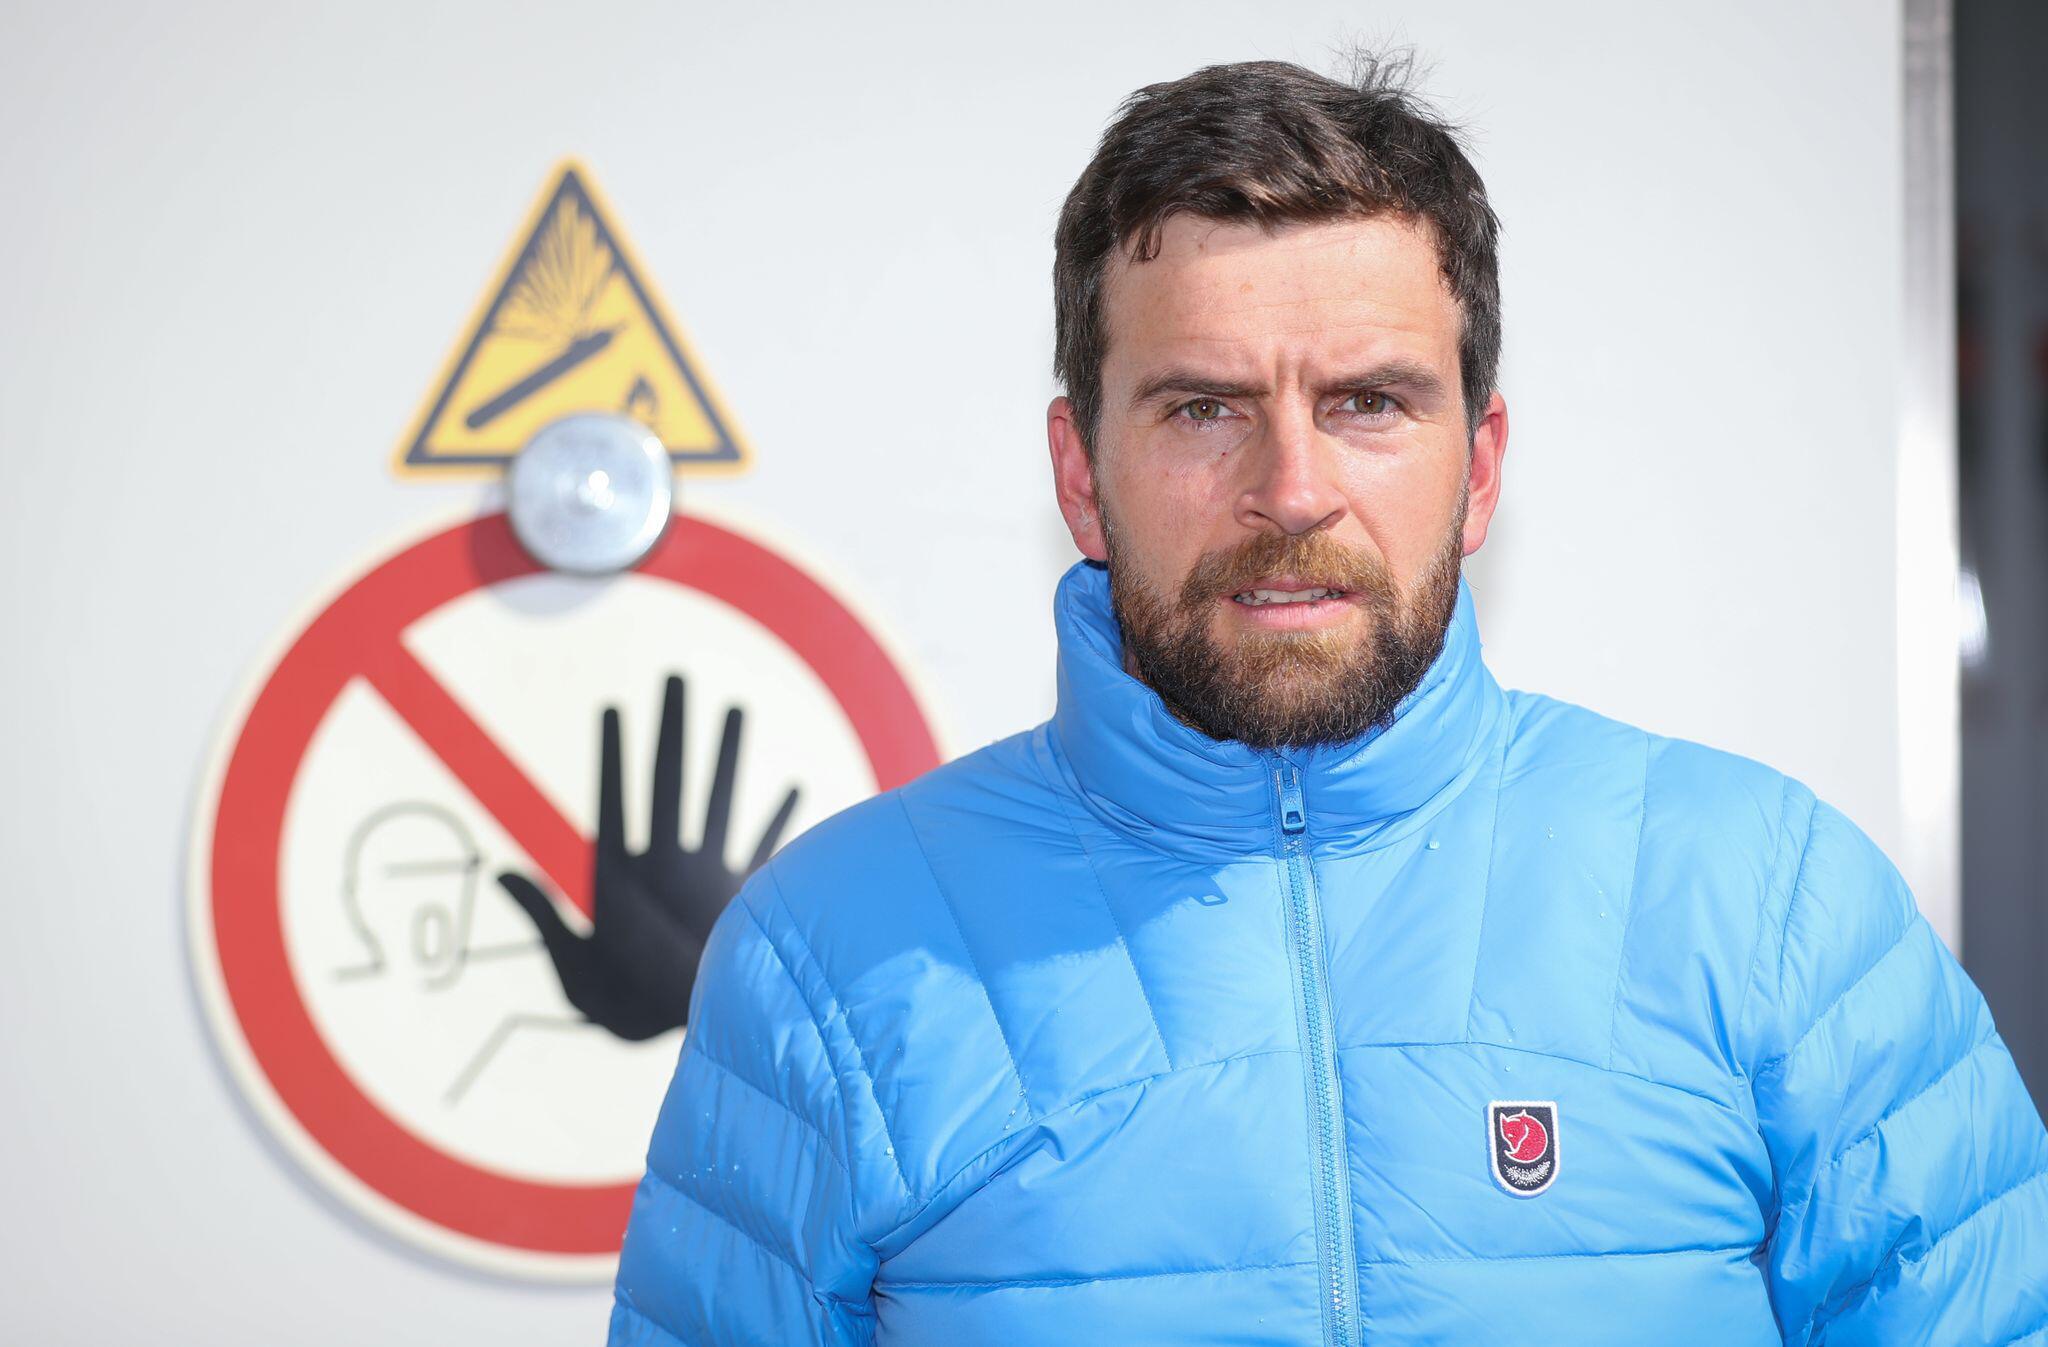 Bild zu Extrem-Sportler Jonas Deichmann in der Kältekammer